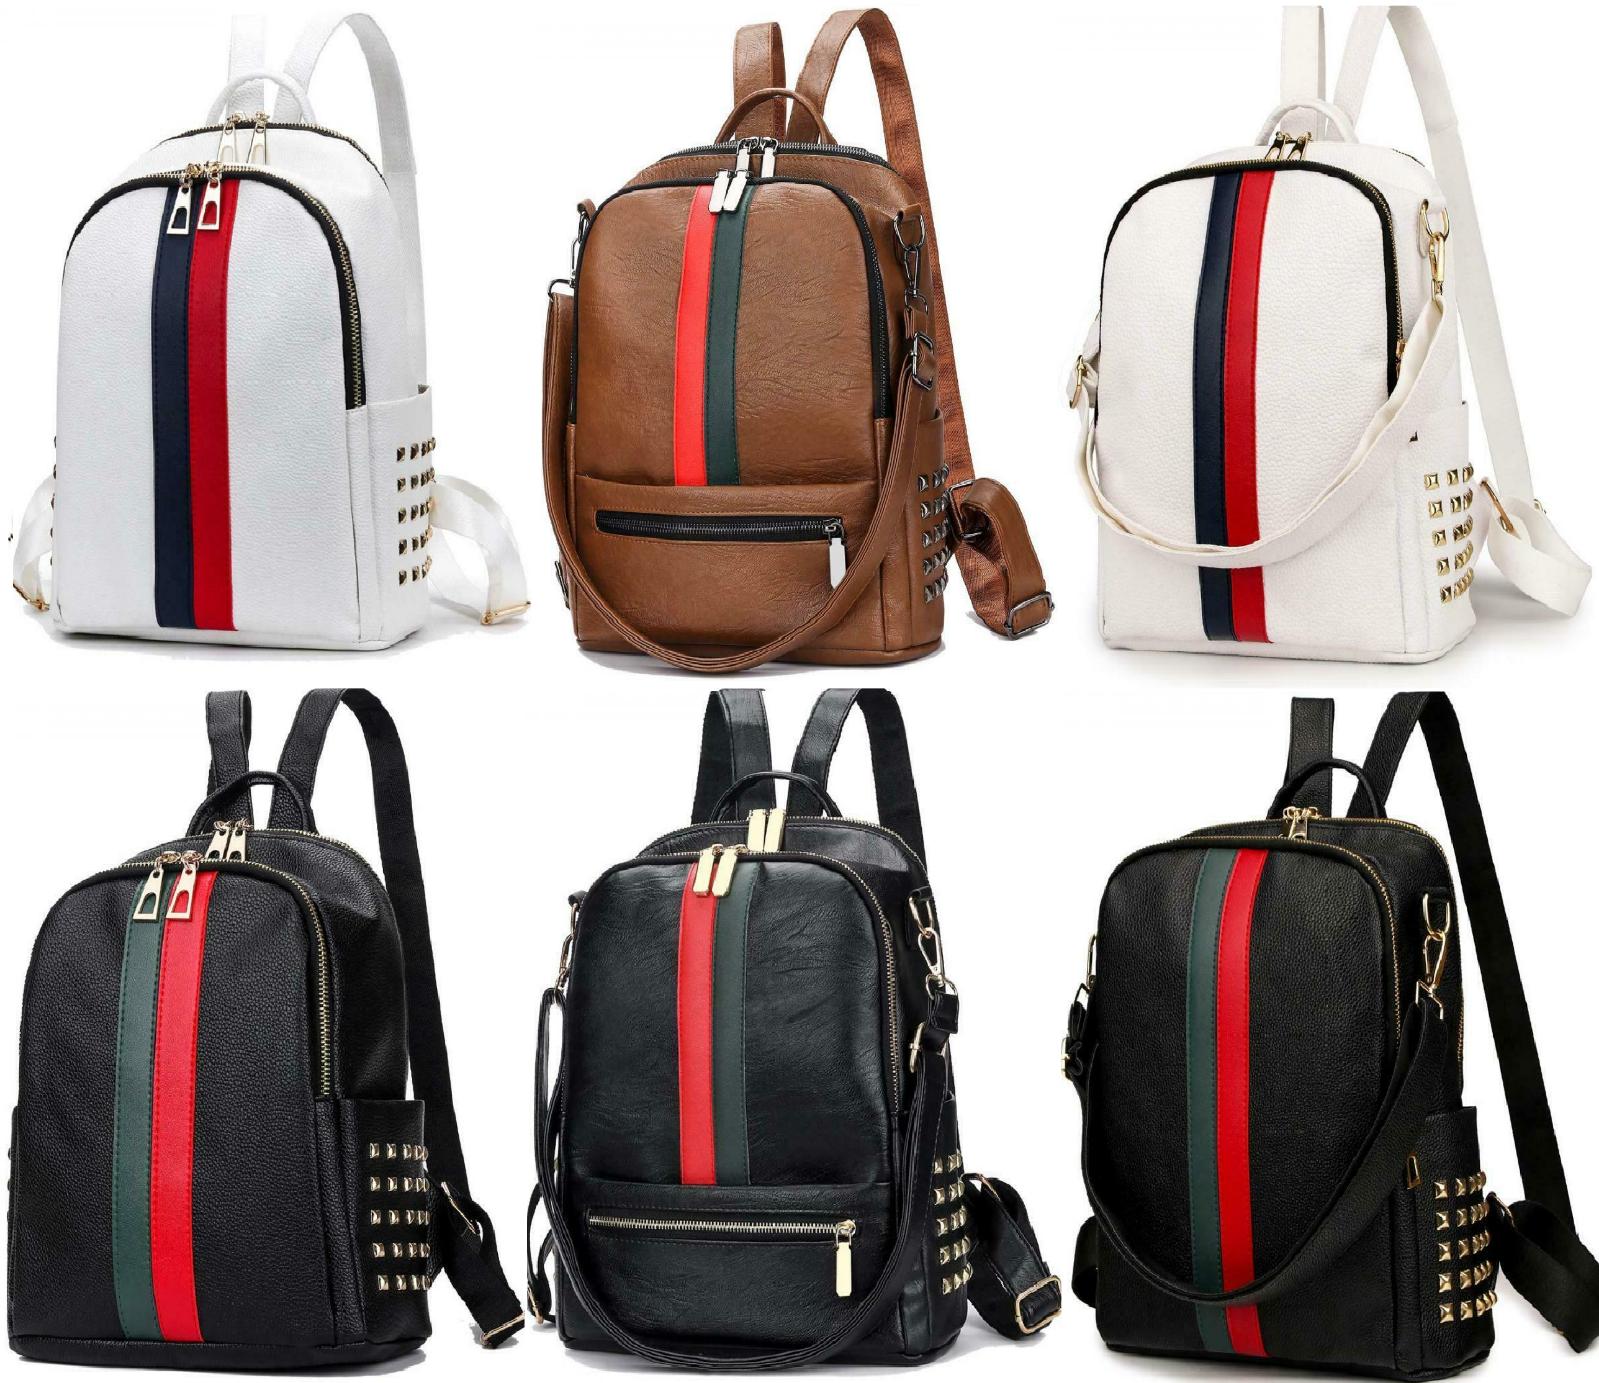 ladies backpack luxury leather bag pattern tote